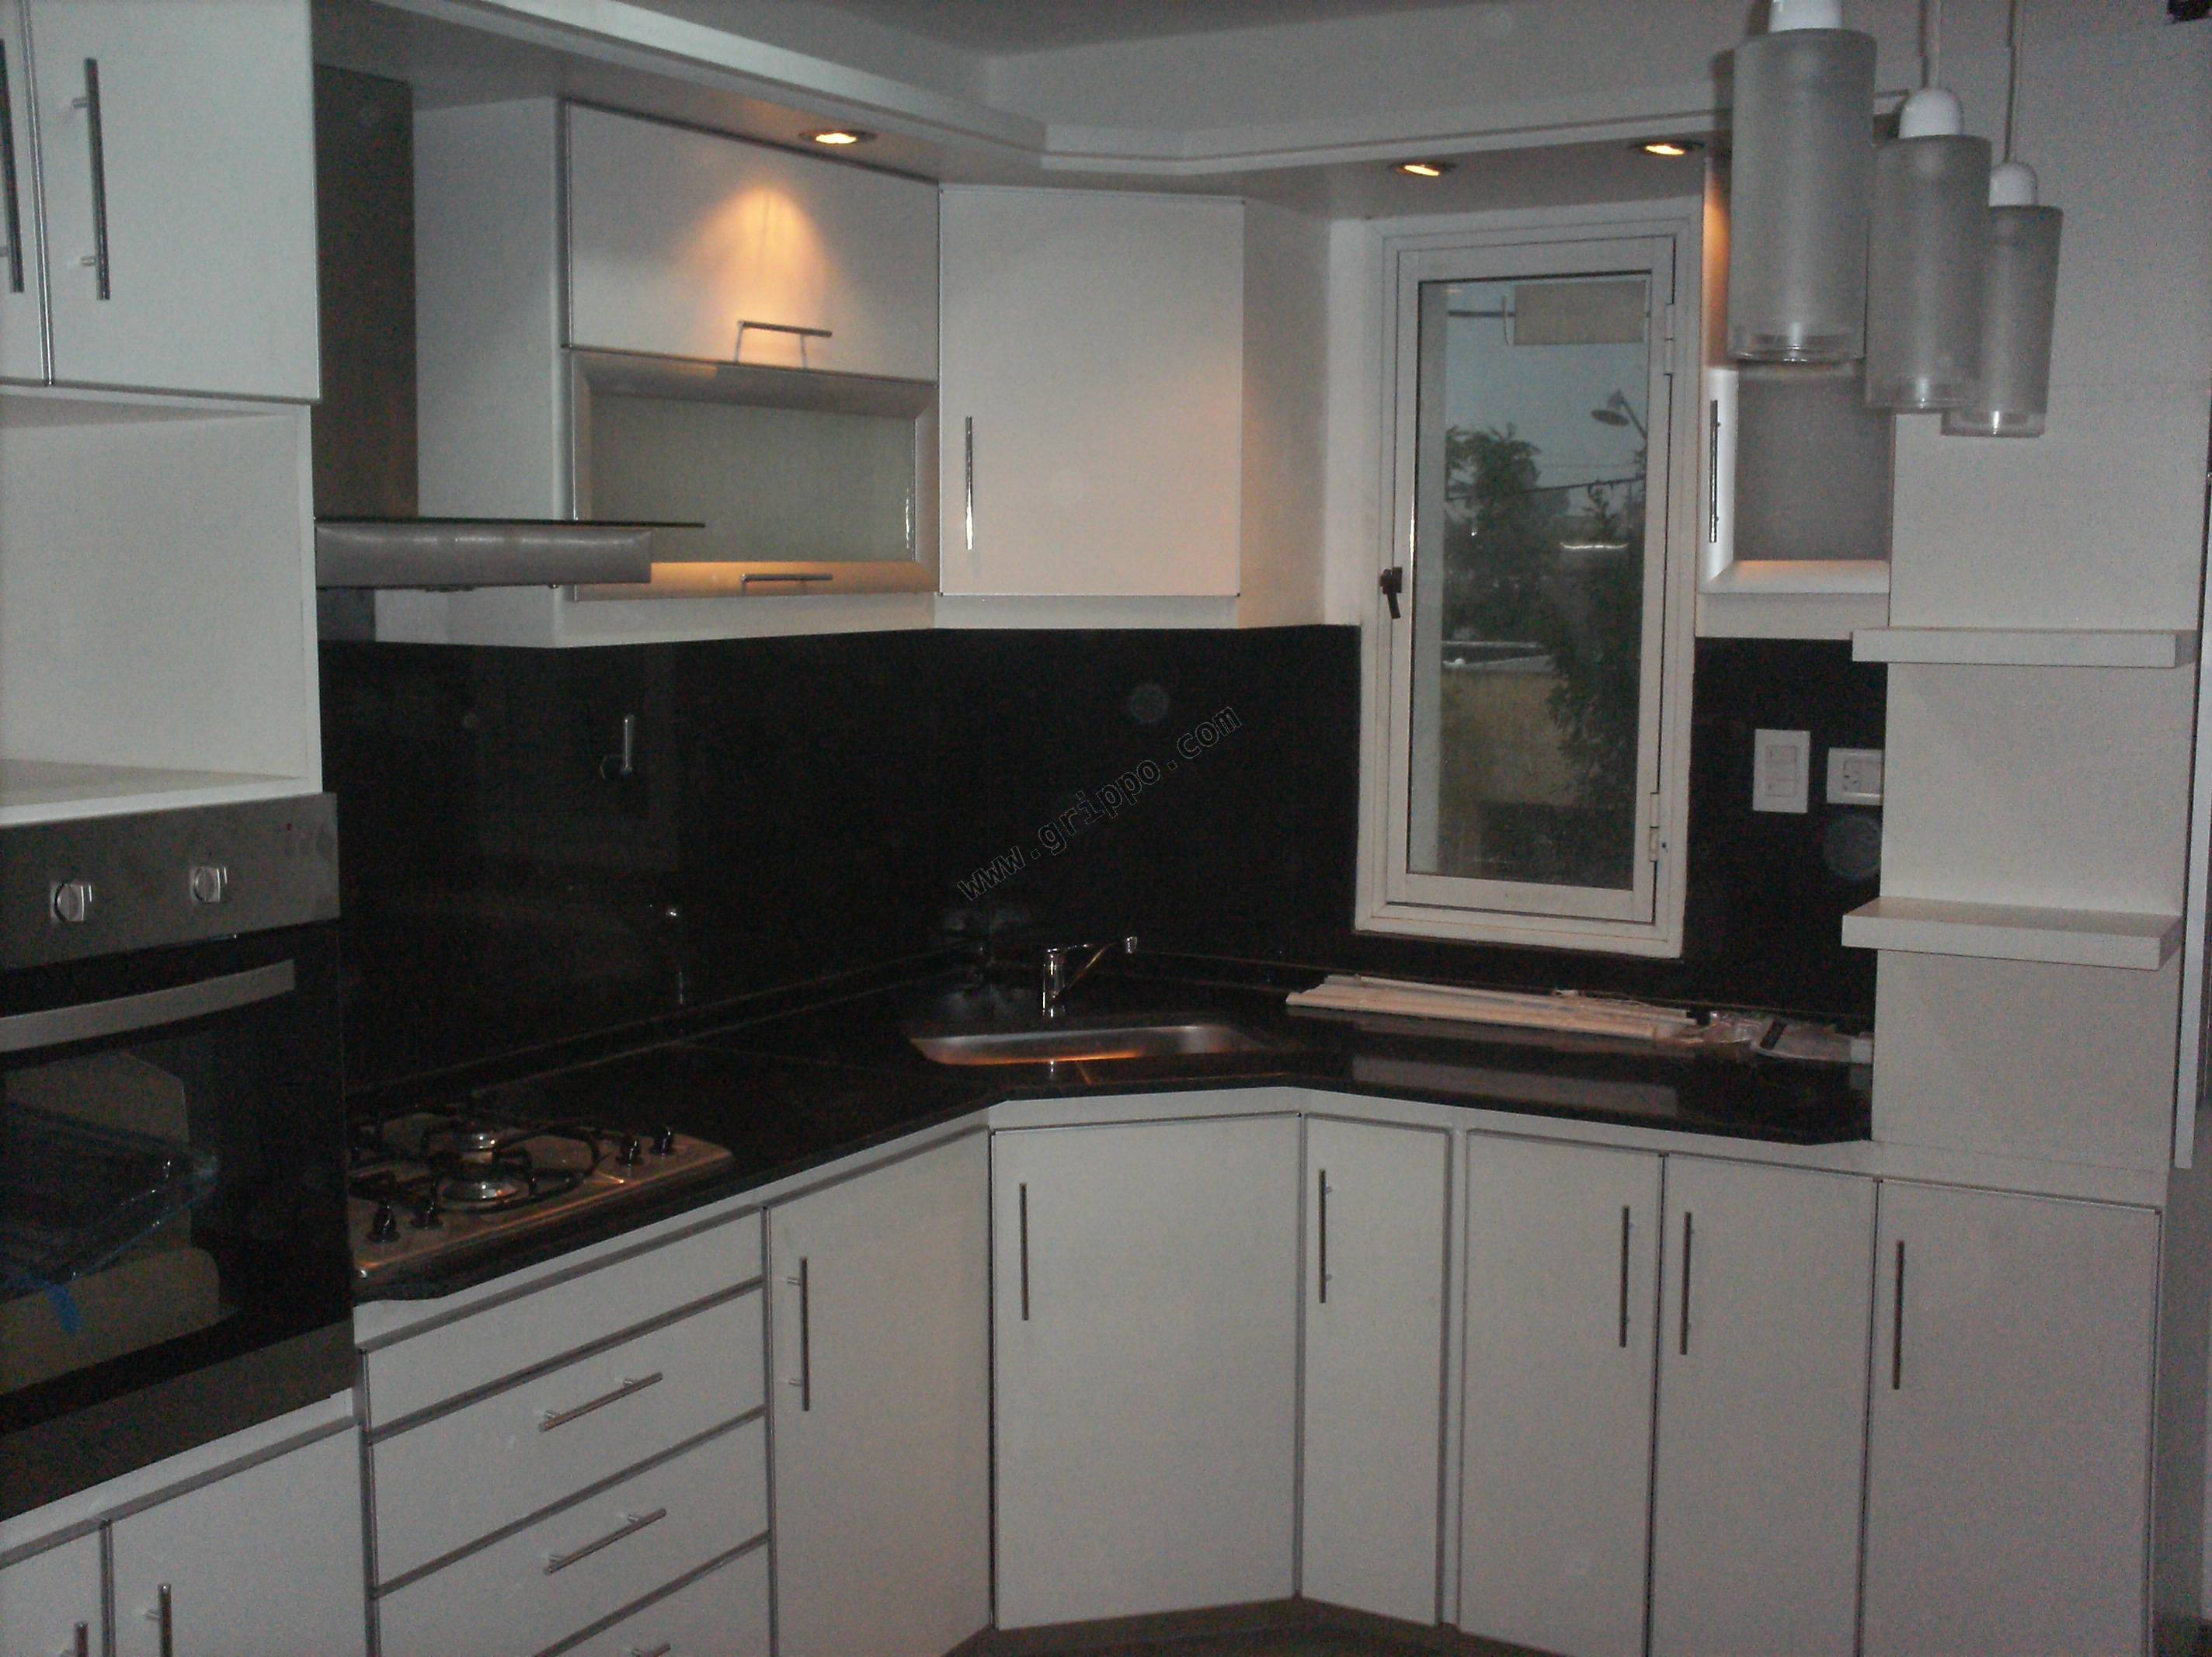 Amoblamientos de cocina muebles de cocina vestidores for Techos para cocinas